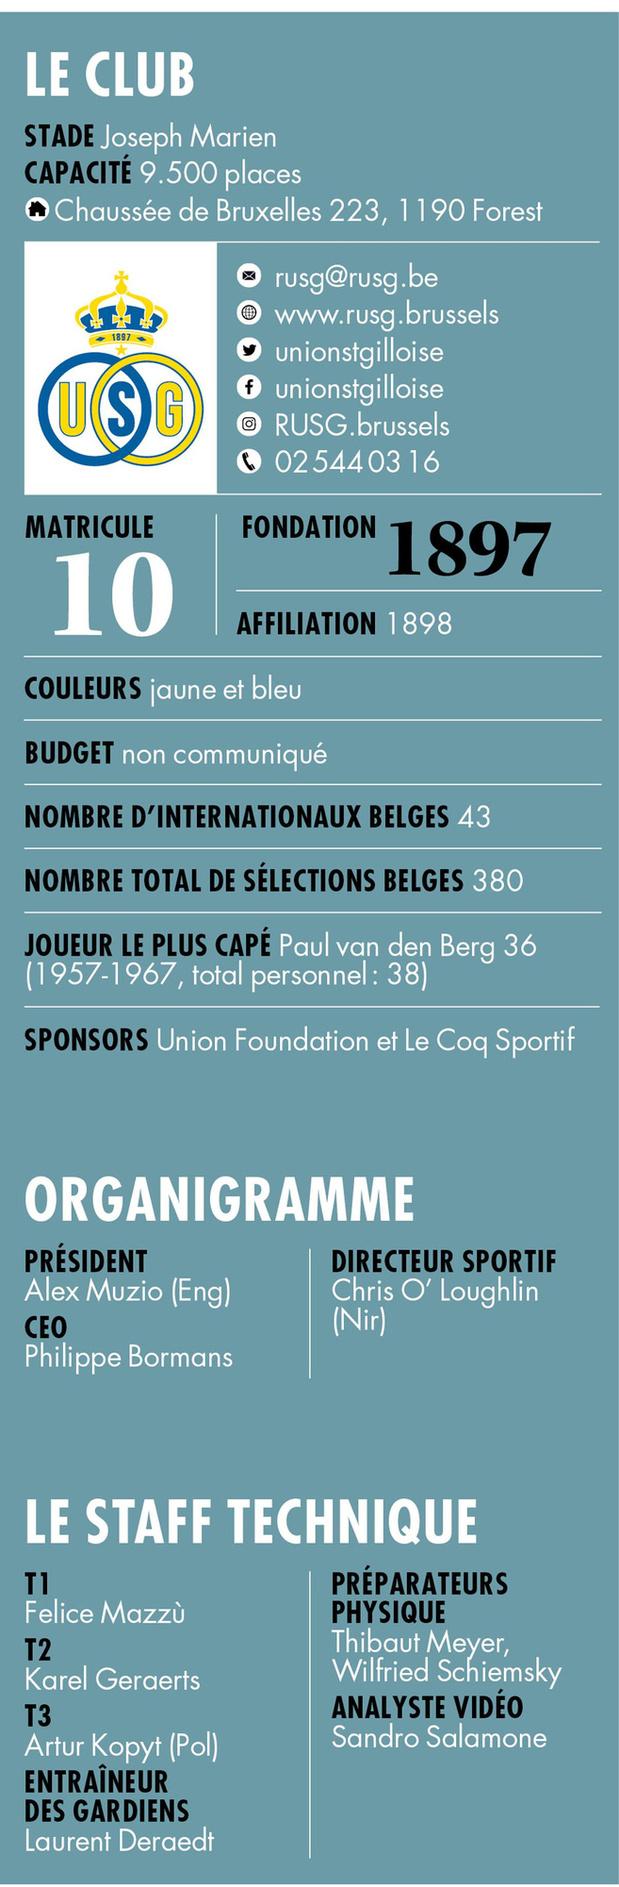 Union Saint-Gilloise - Infos